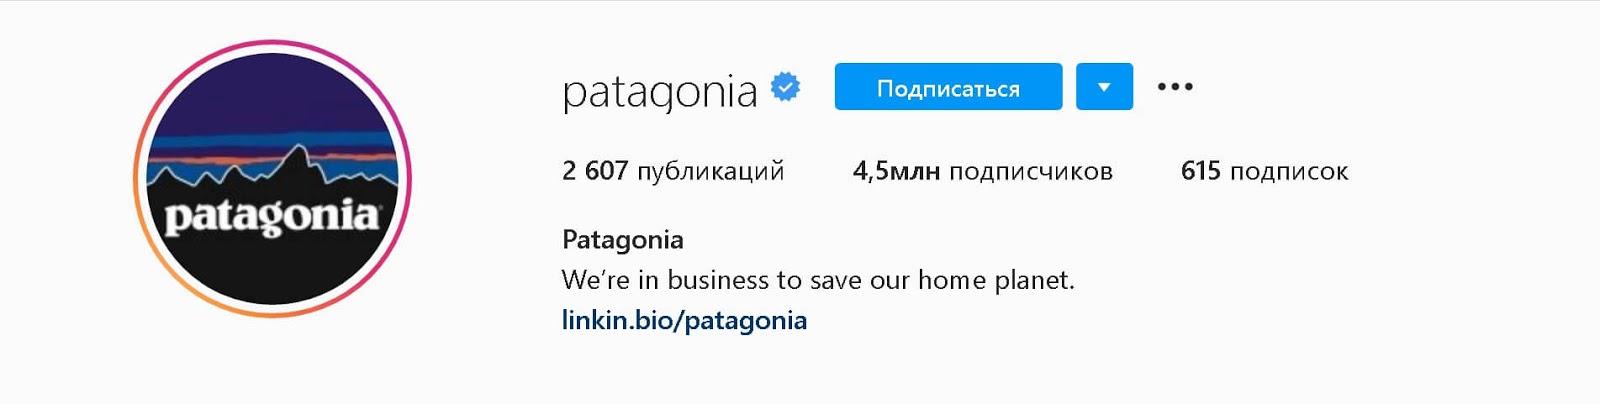 patagonia-bio-instagram